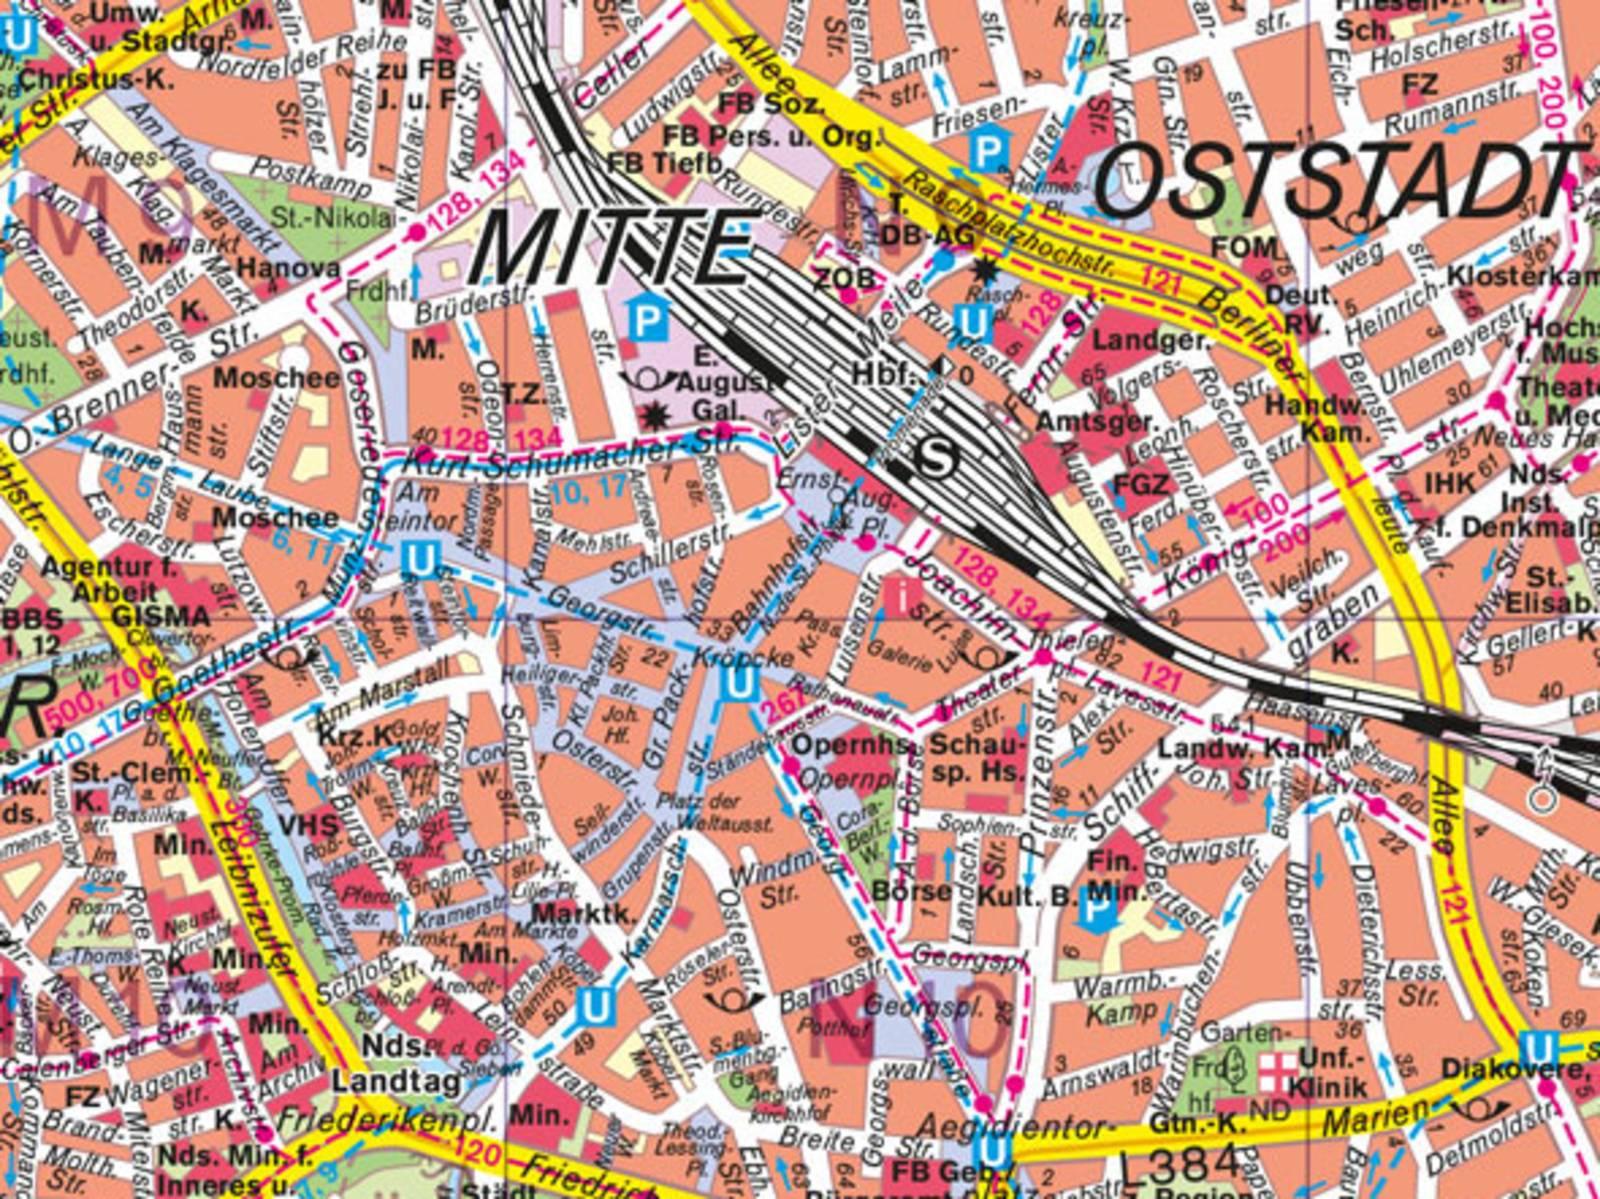 Ein Kartenausschnitt der Innenstadt von Hannover.